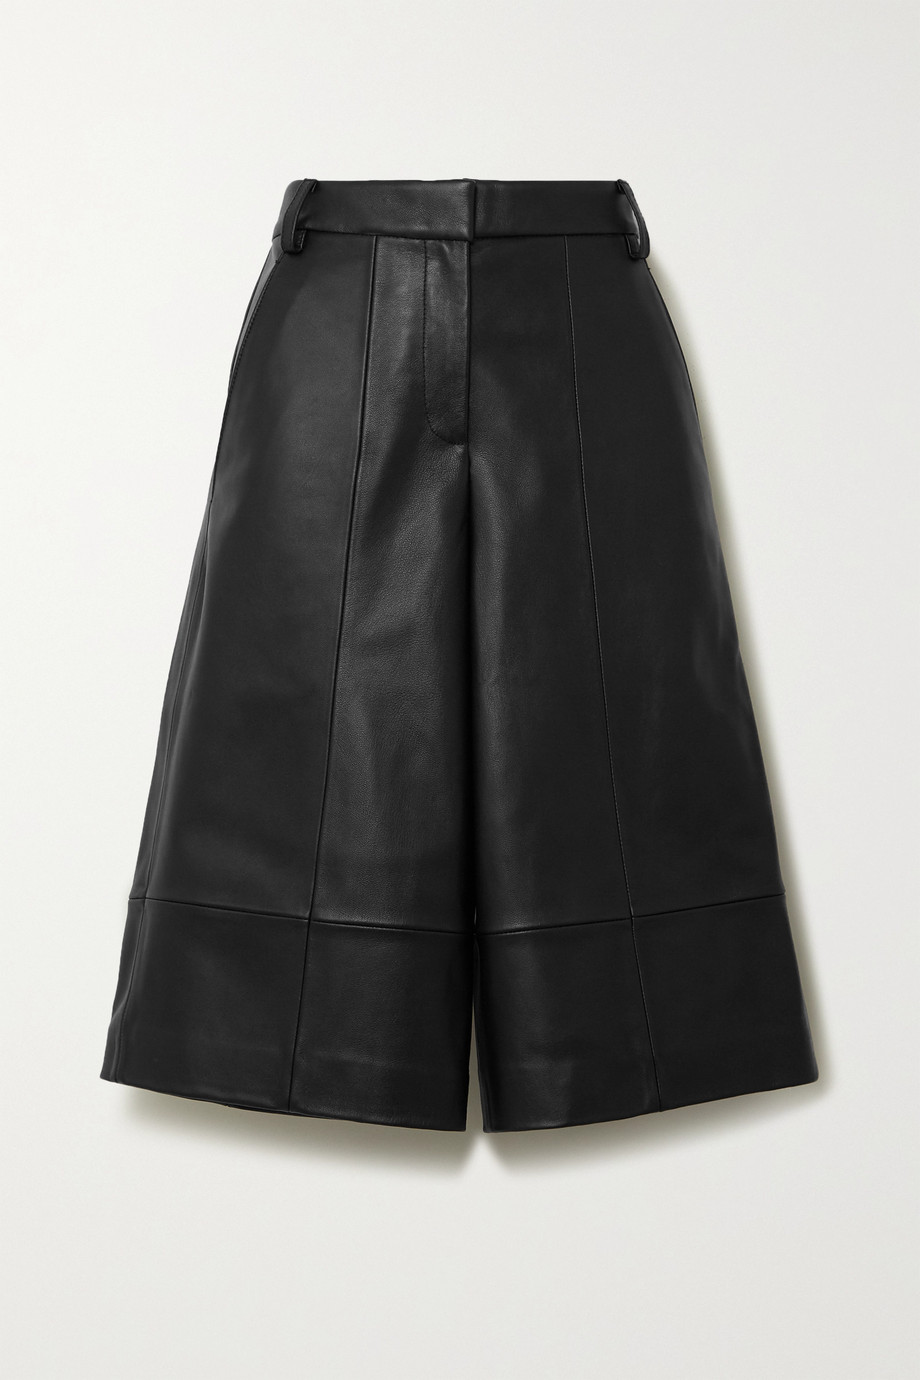 Tibi Leather shorts